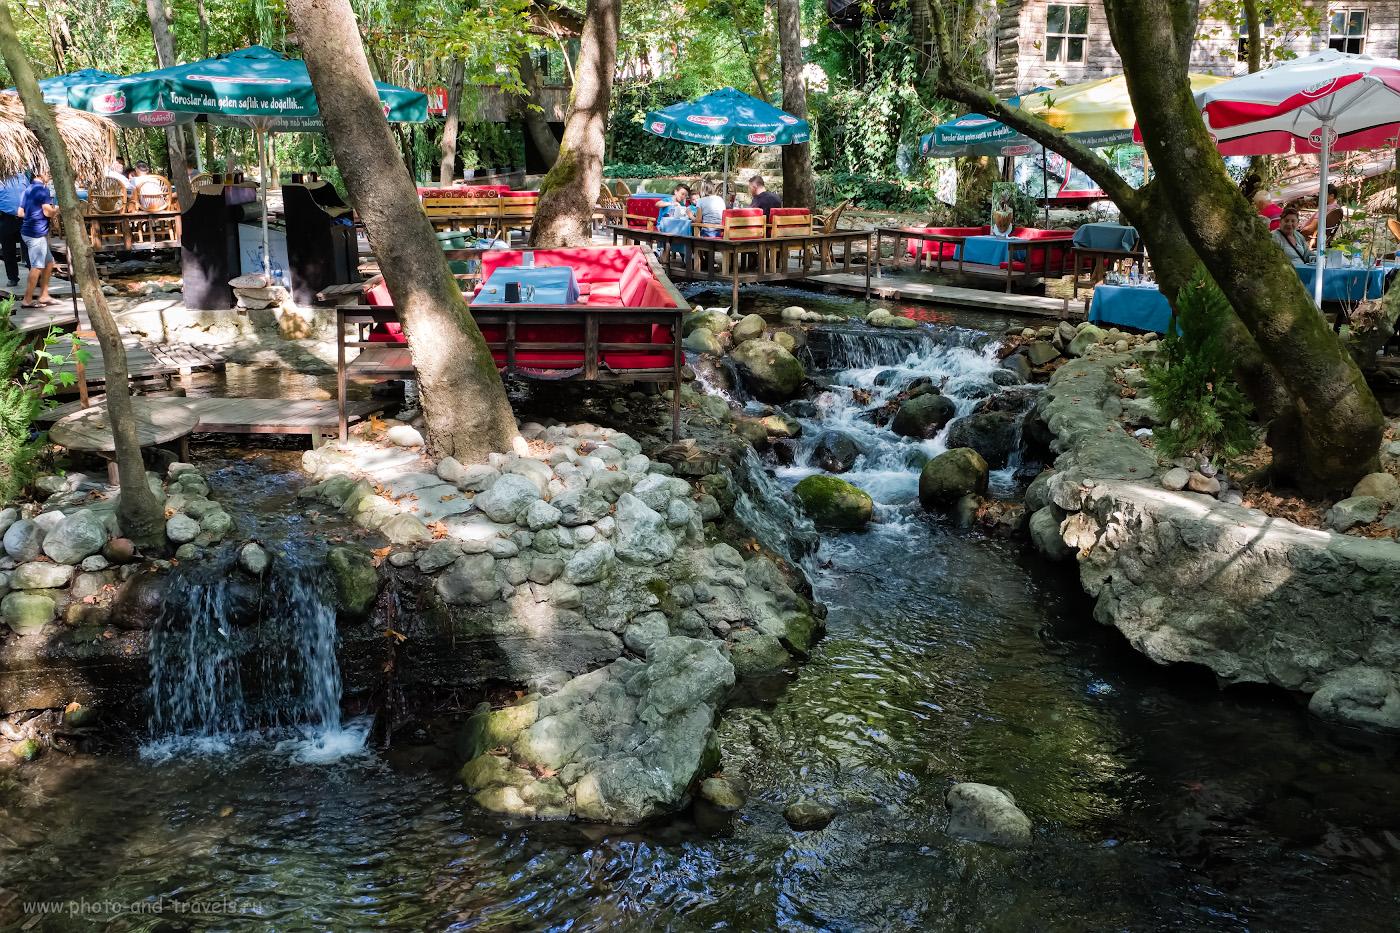 Фото 9. Ресторан «Tropik Restaurant» на ручье Улупинар, где можно заказать форель на углях, оказался необычным и приятным местом. Не удивляйтесь, что сюда приезжают люди не только из Чиралы, но и из Кемера. 1/80, 8.0, 1250, -0.33, 22.